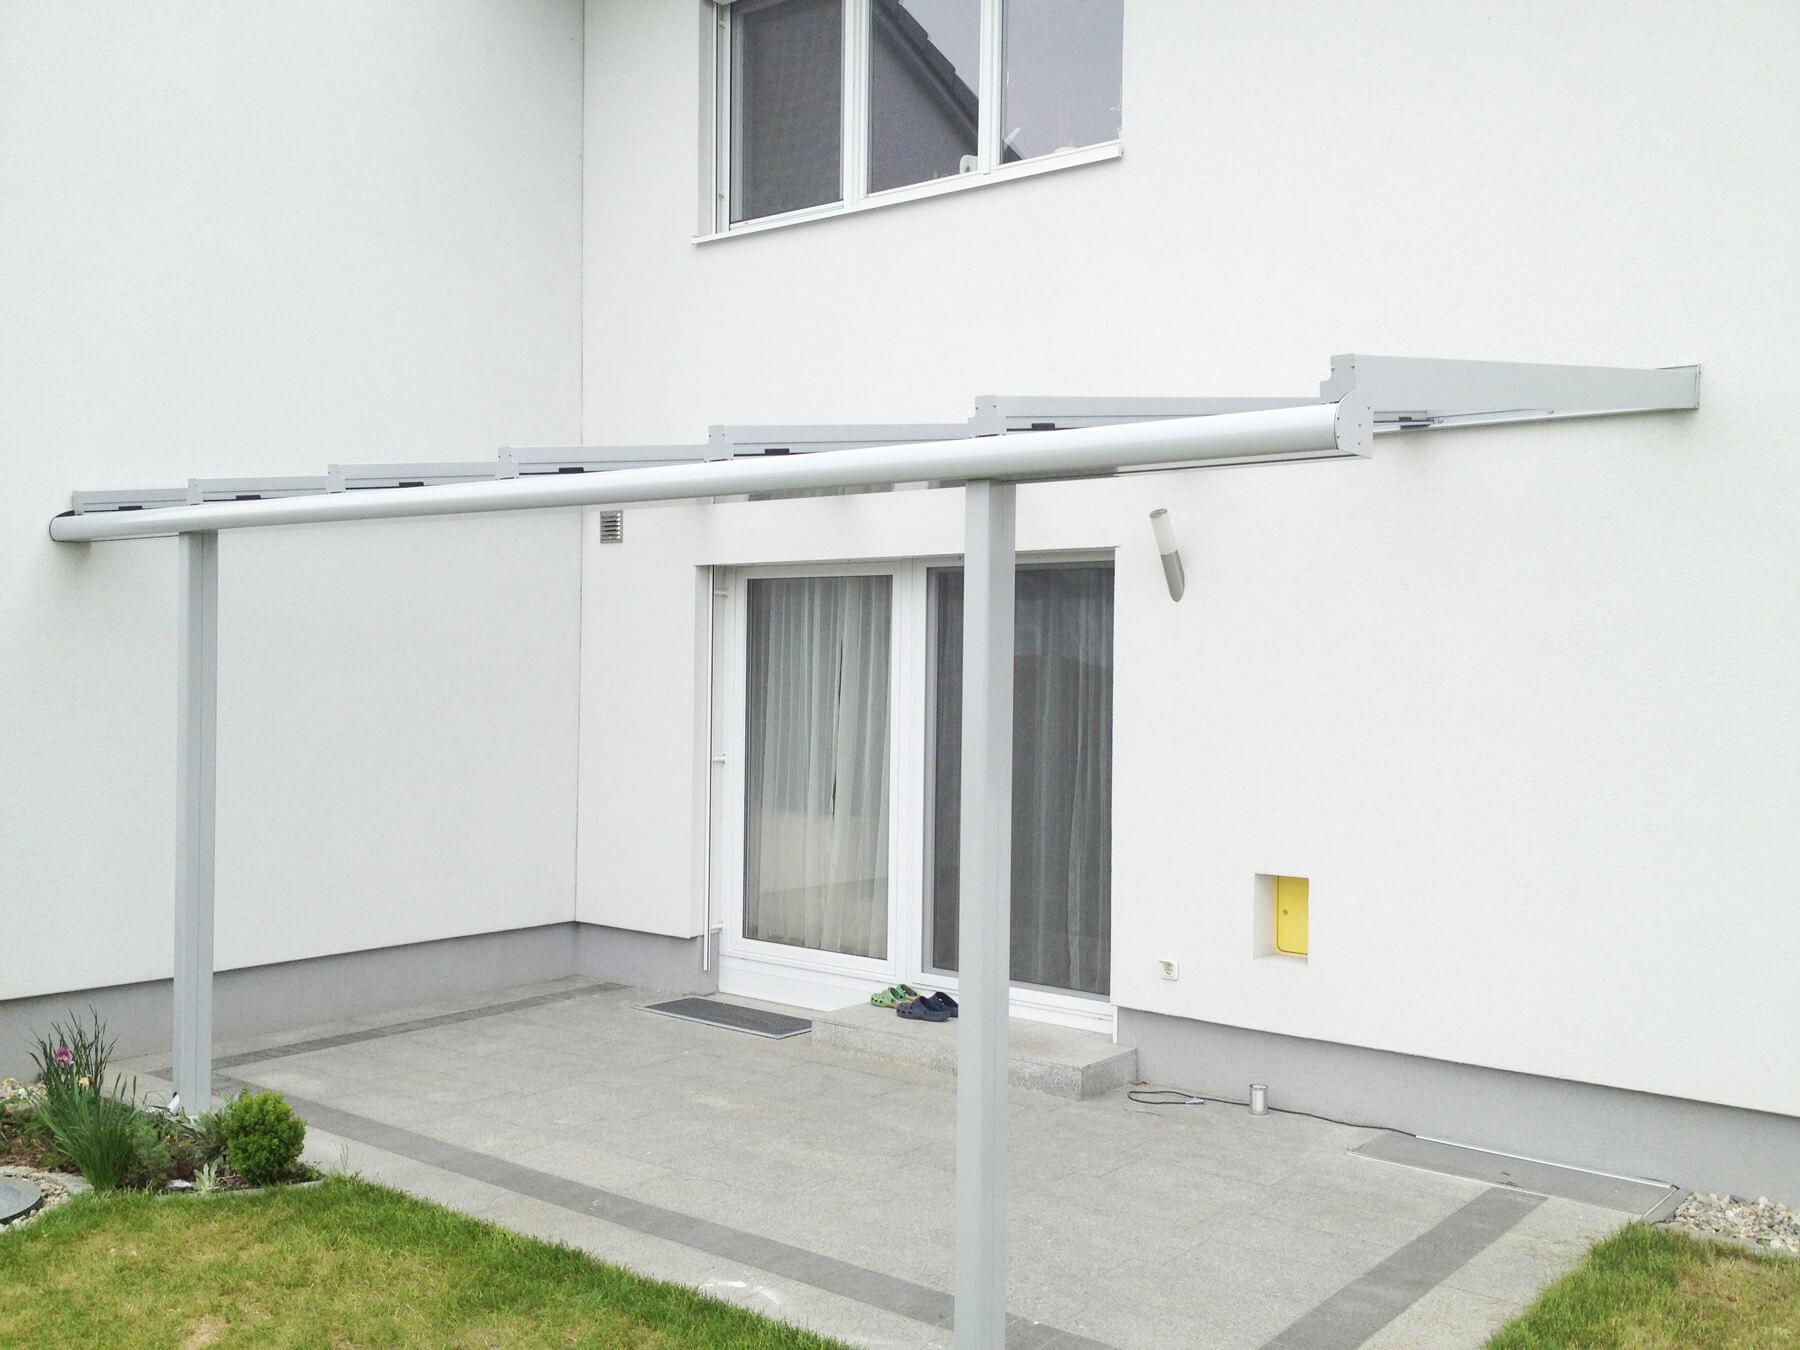 Überdachung mit filigranen Profilen und Glas